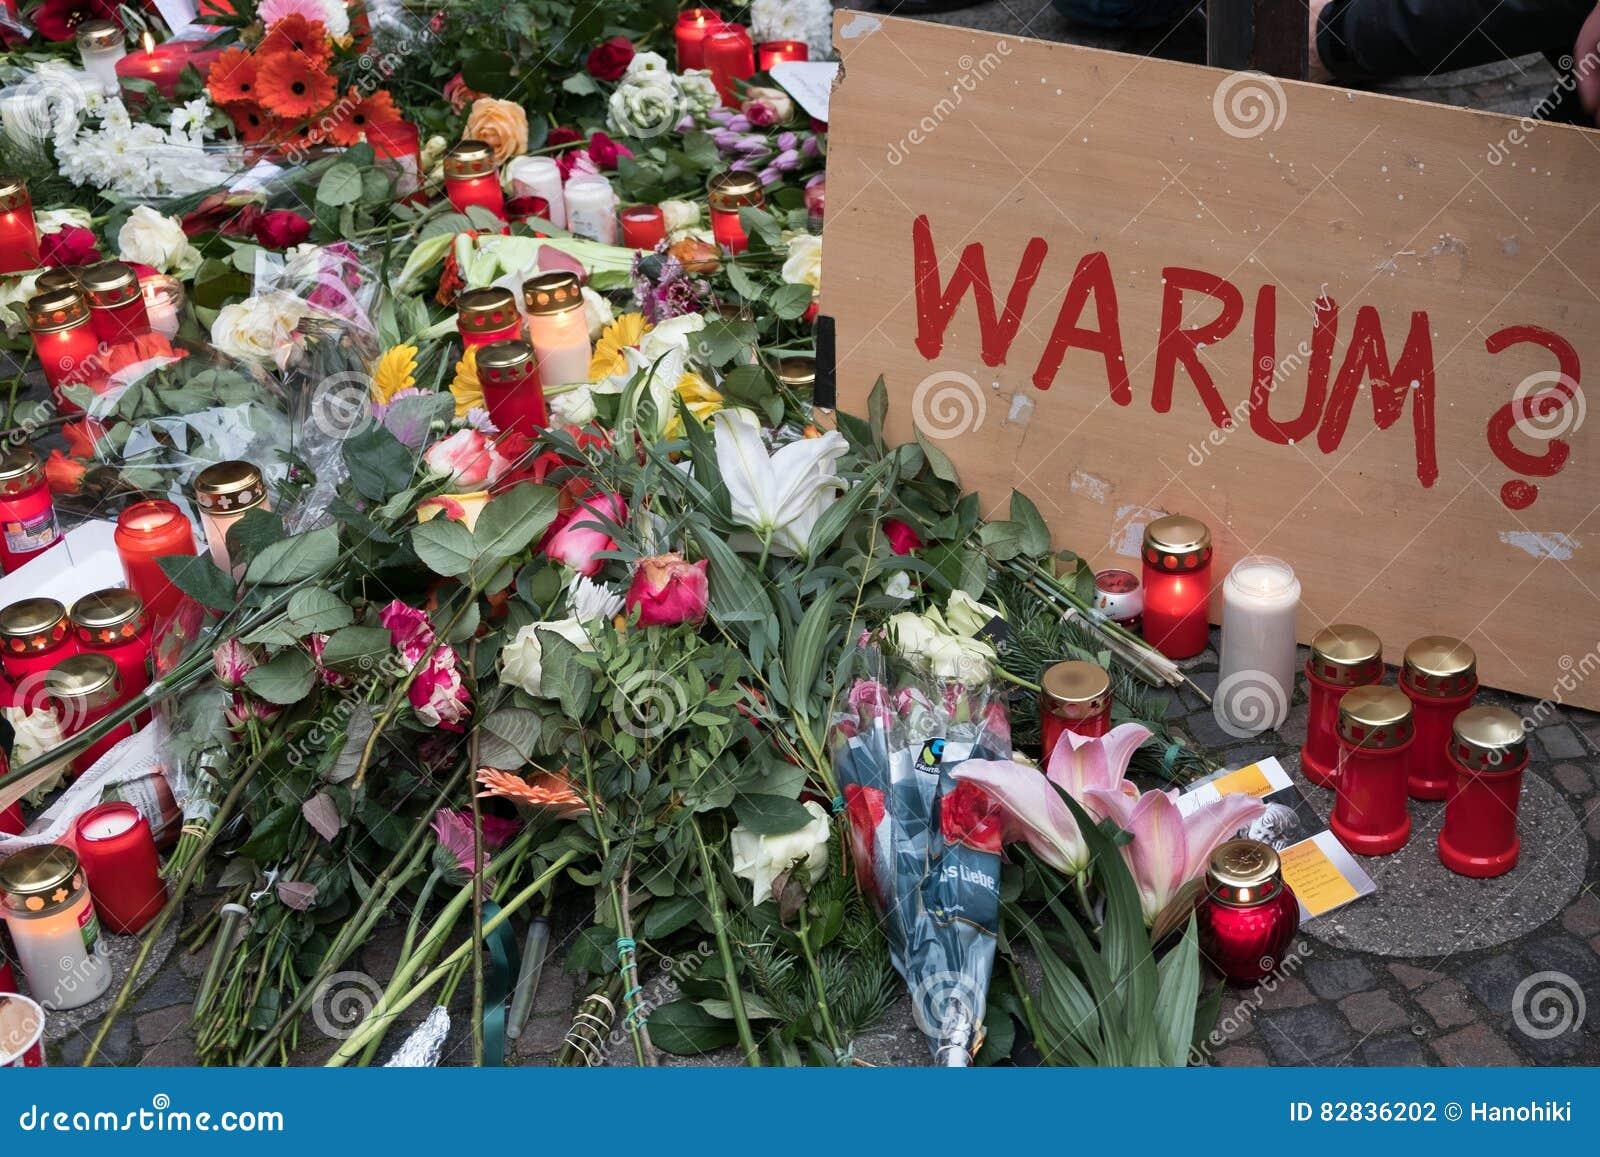 Der Weihnachtsmarkt in Berlin, der Tag nach einem LKW fuhr in eine Menge von Leuten